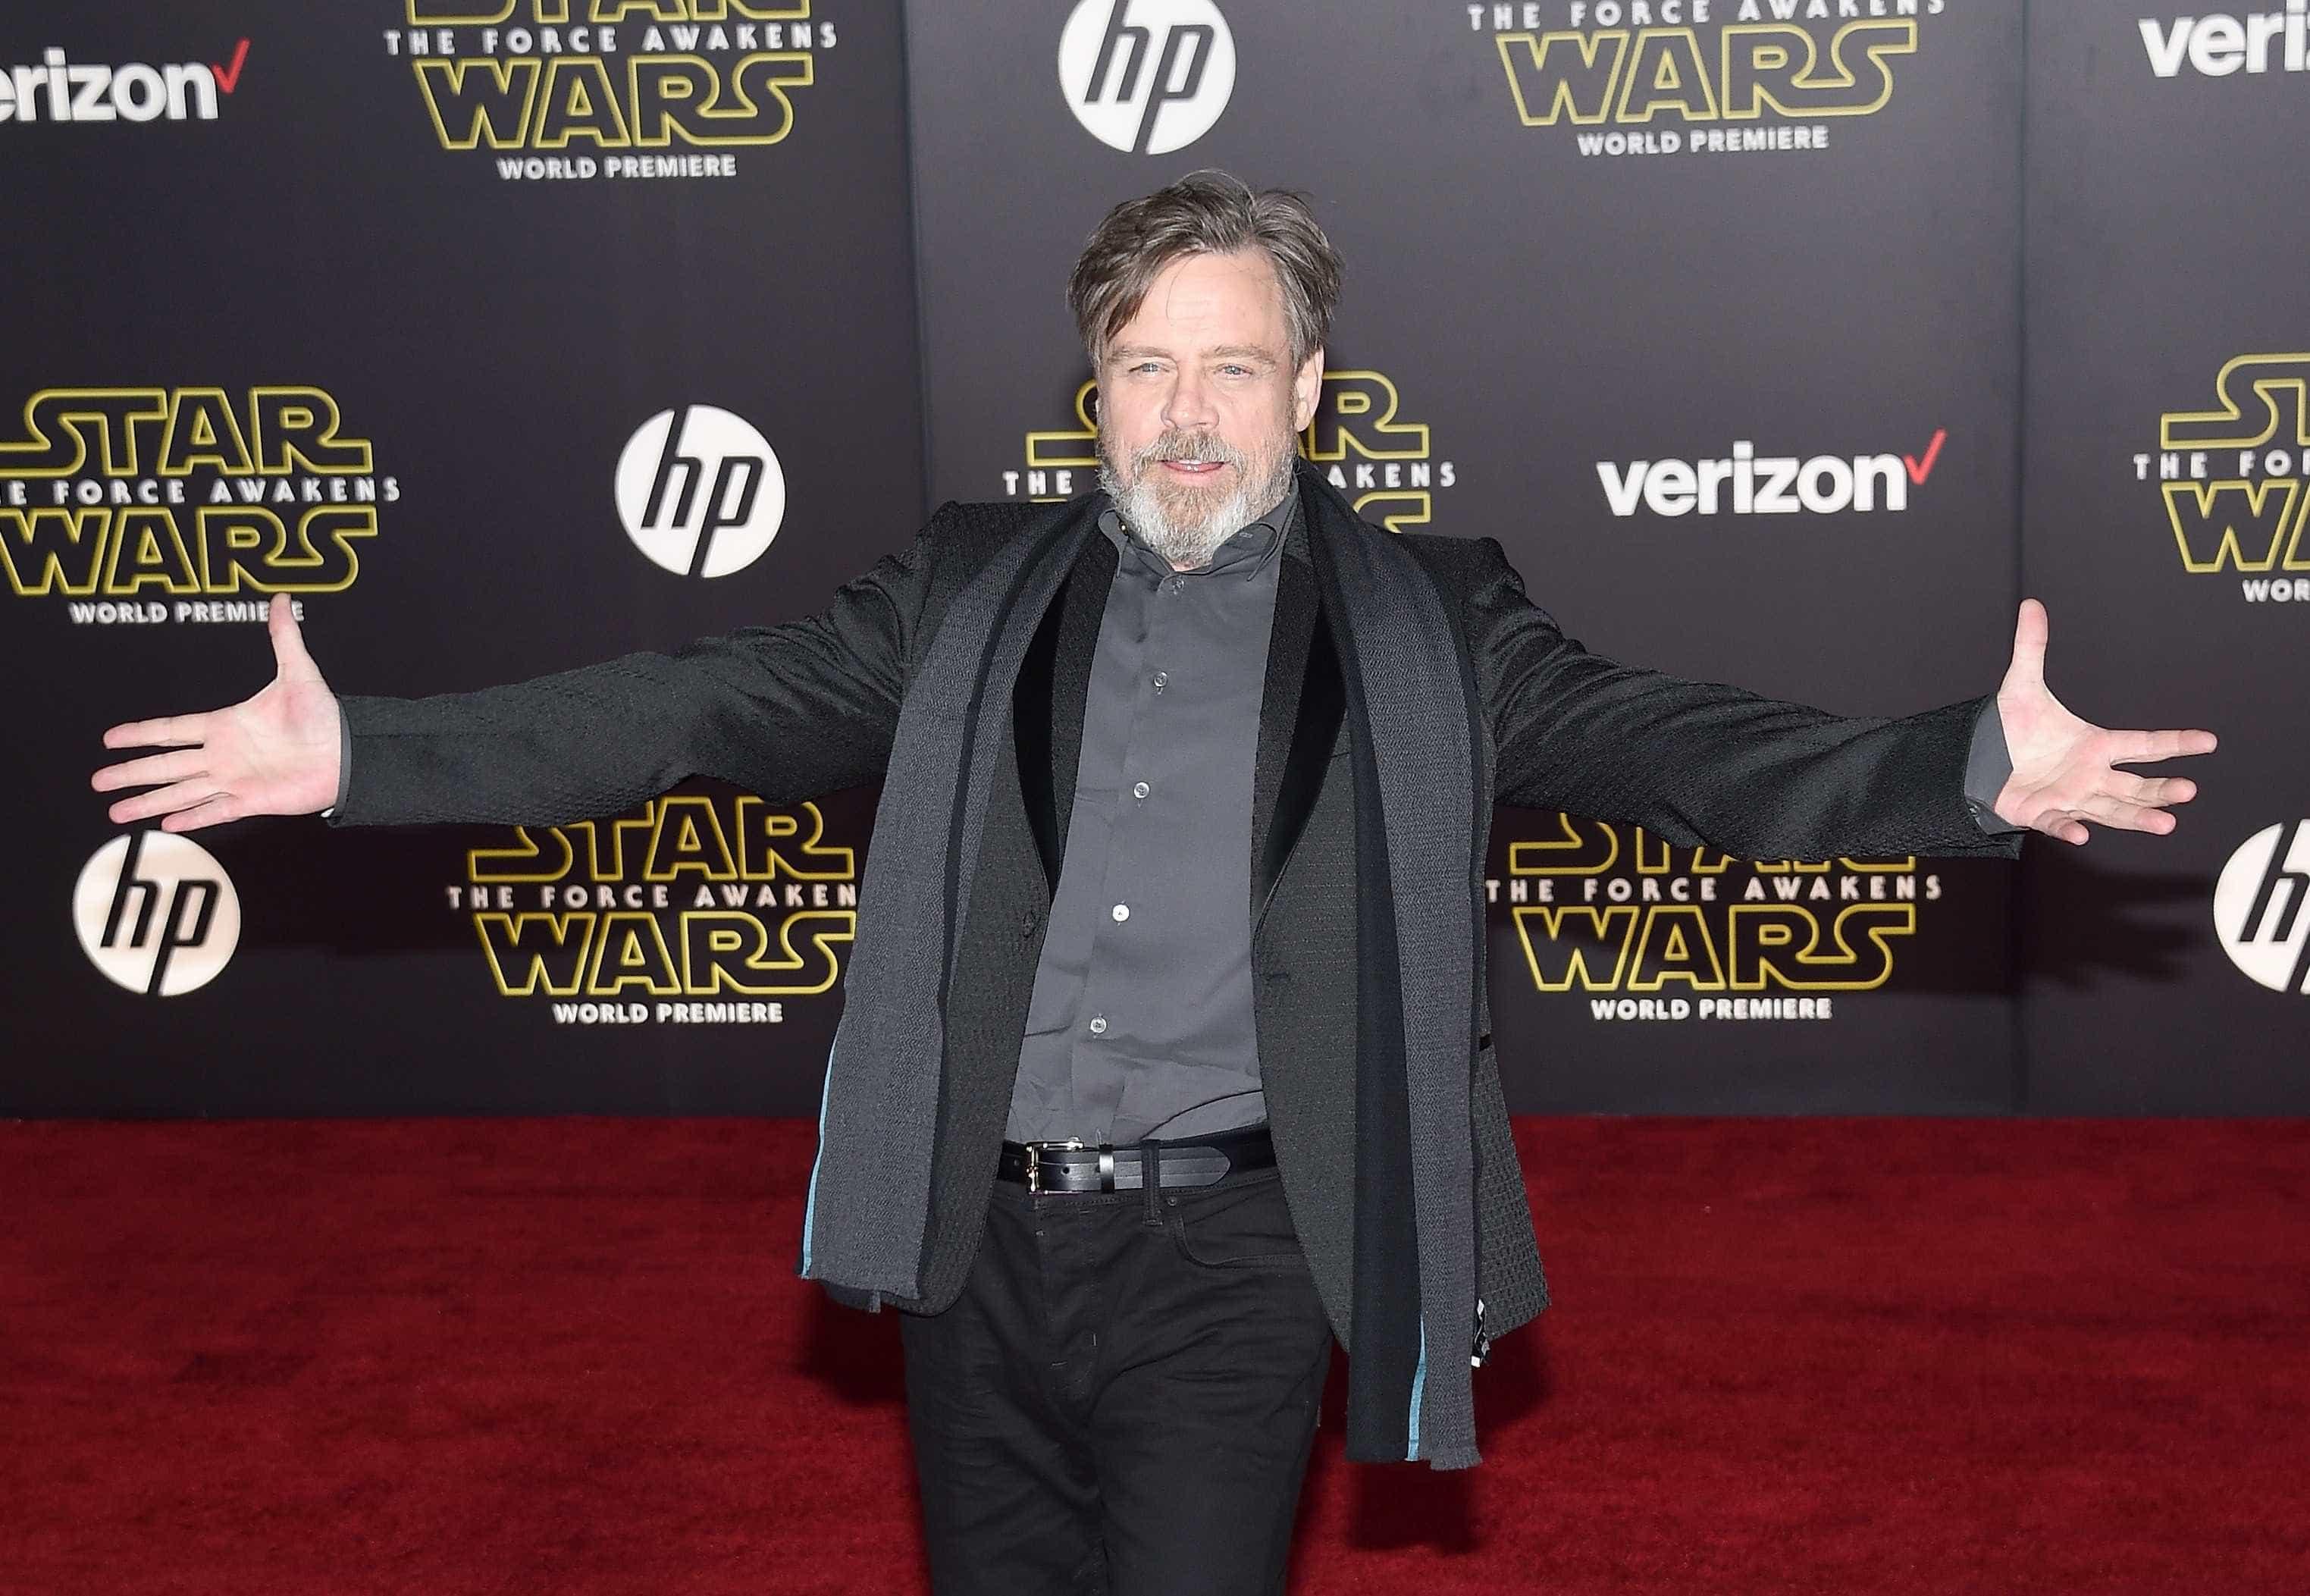 Mark Hamill publica a sua primeira foto de sempre como Luke Skywalker   -